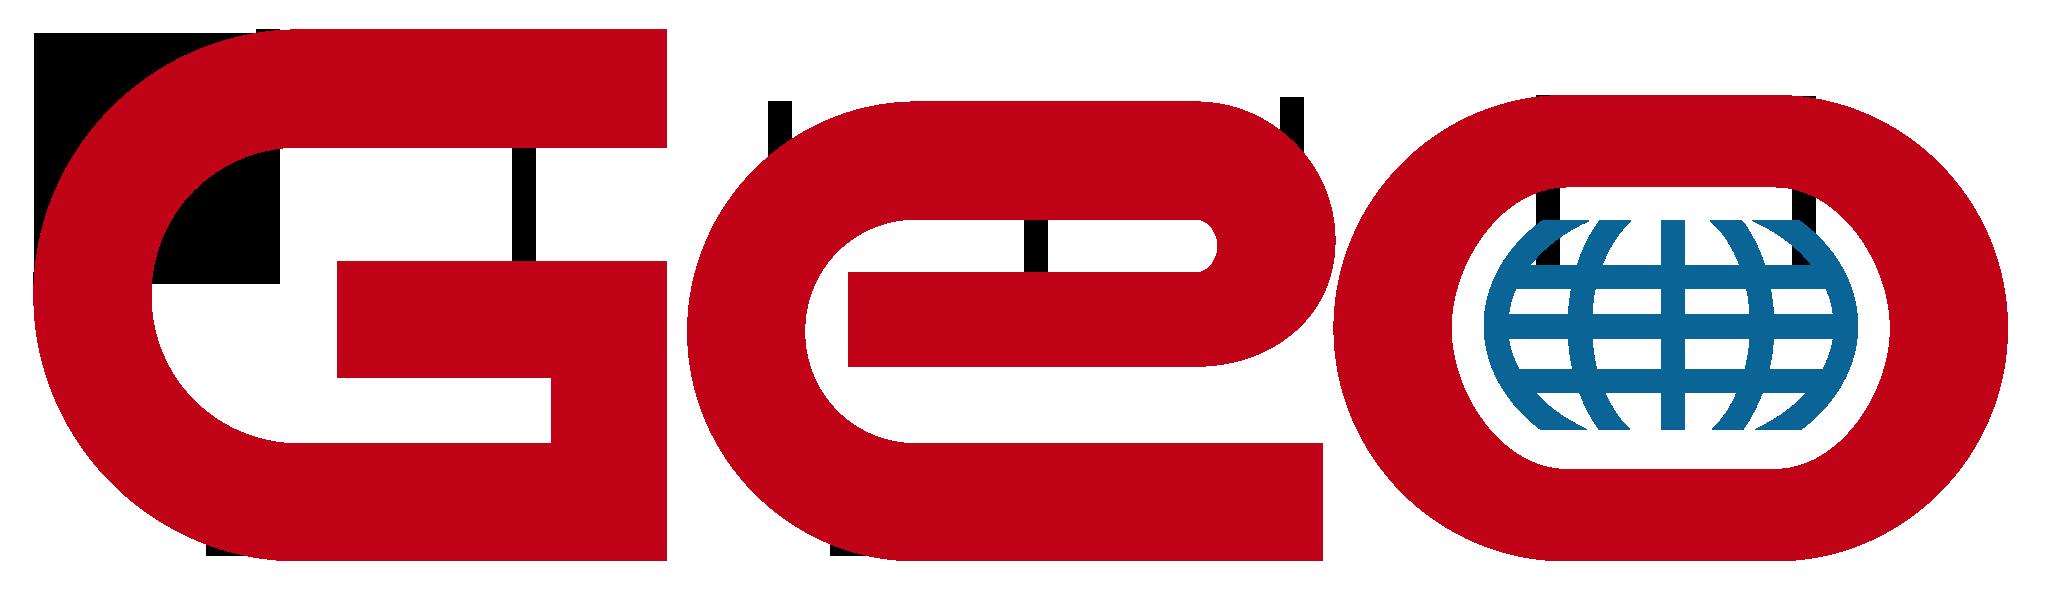 Geo car repair